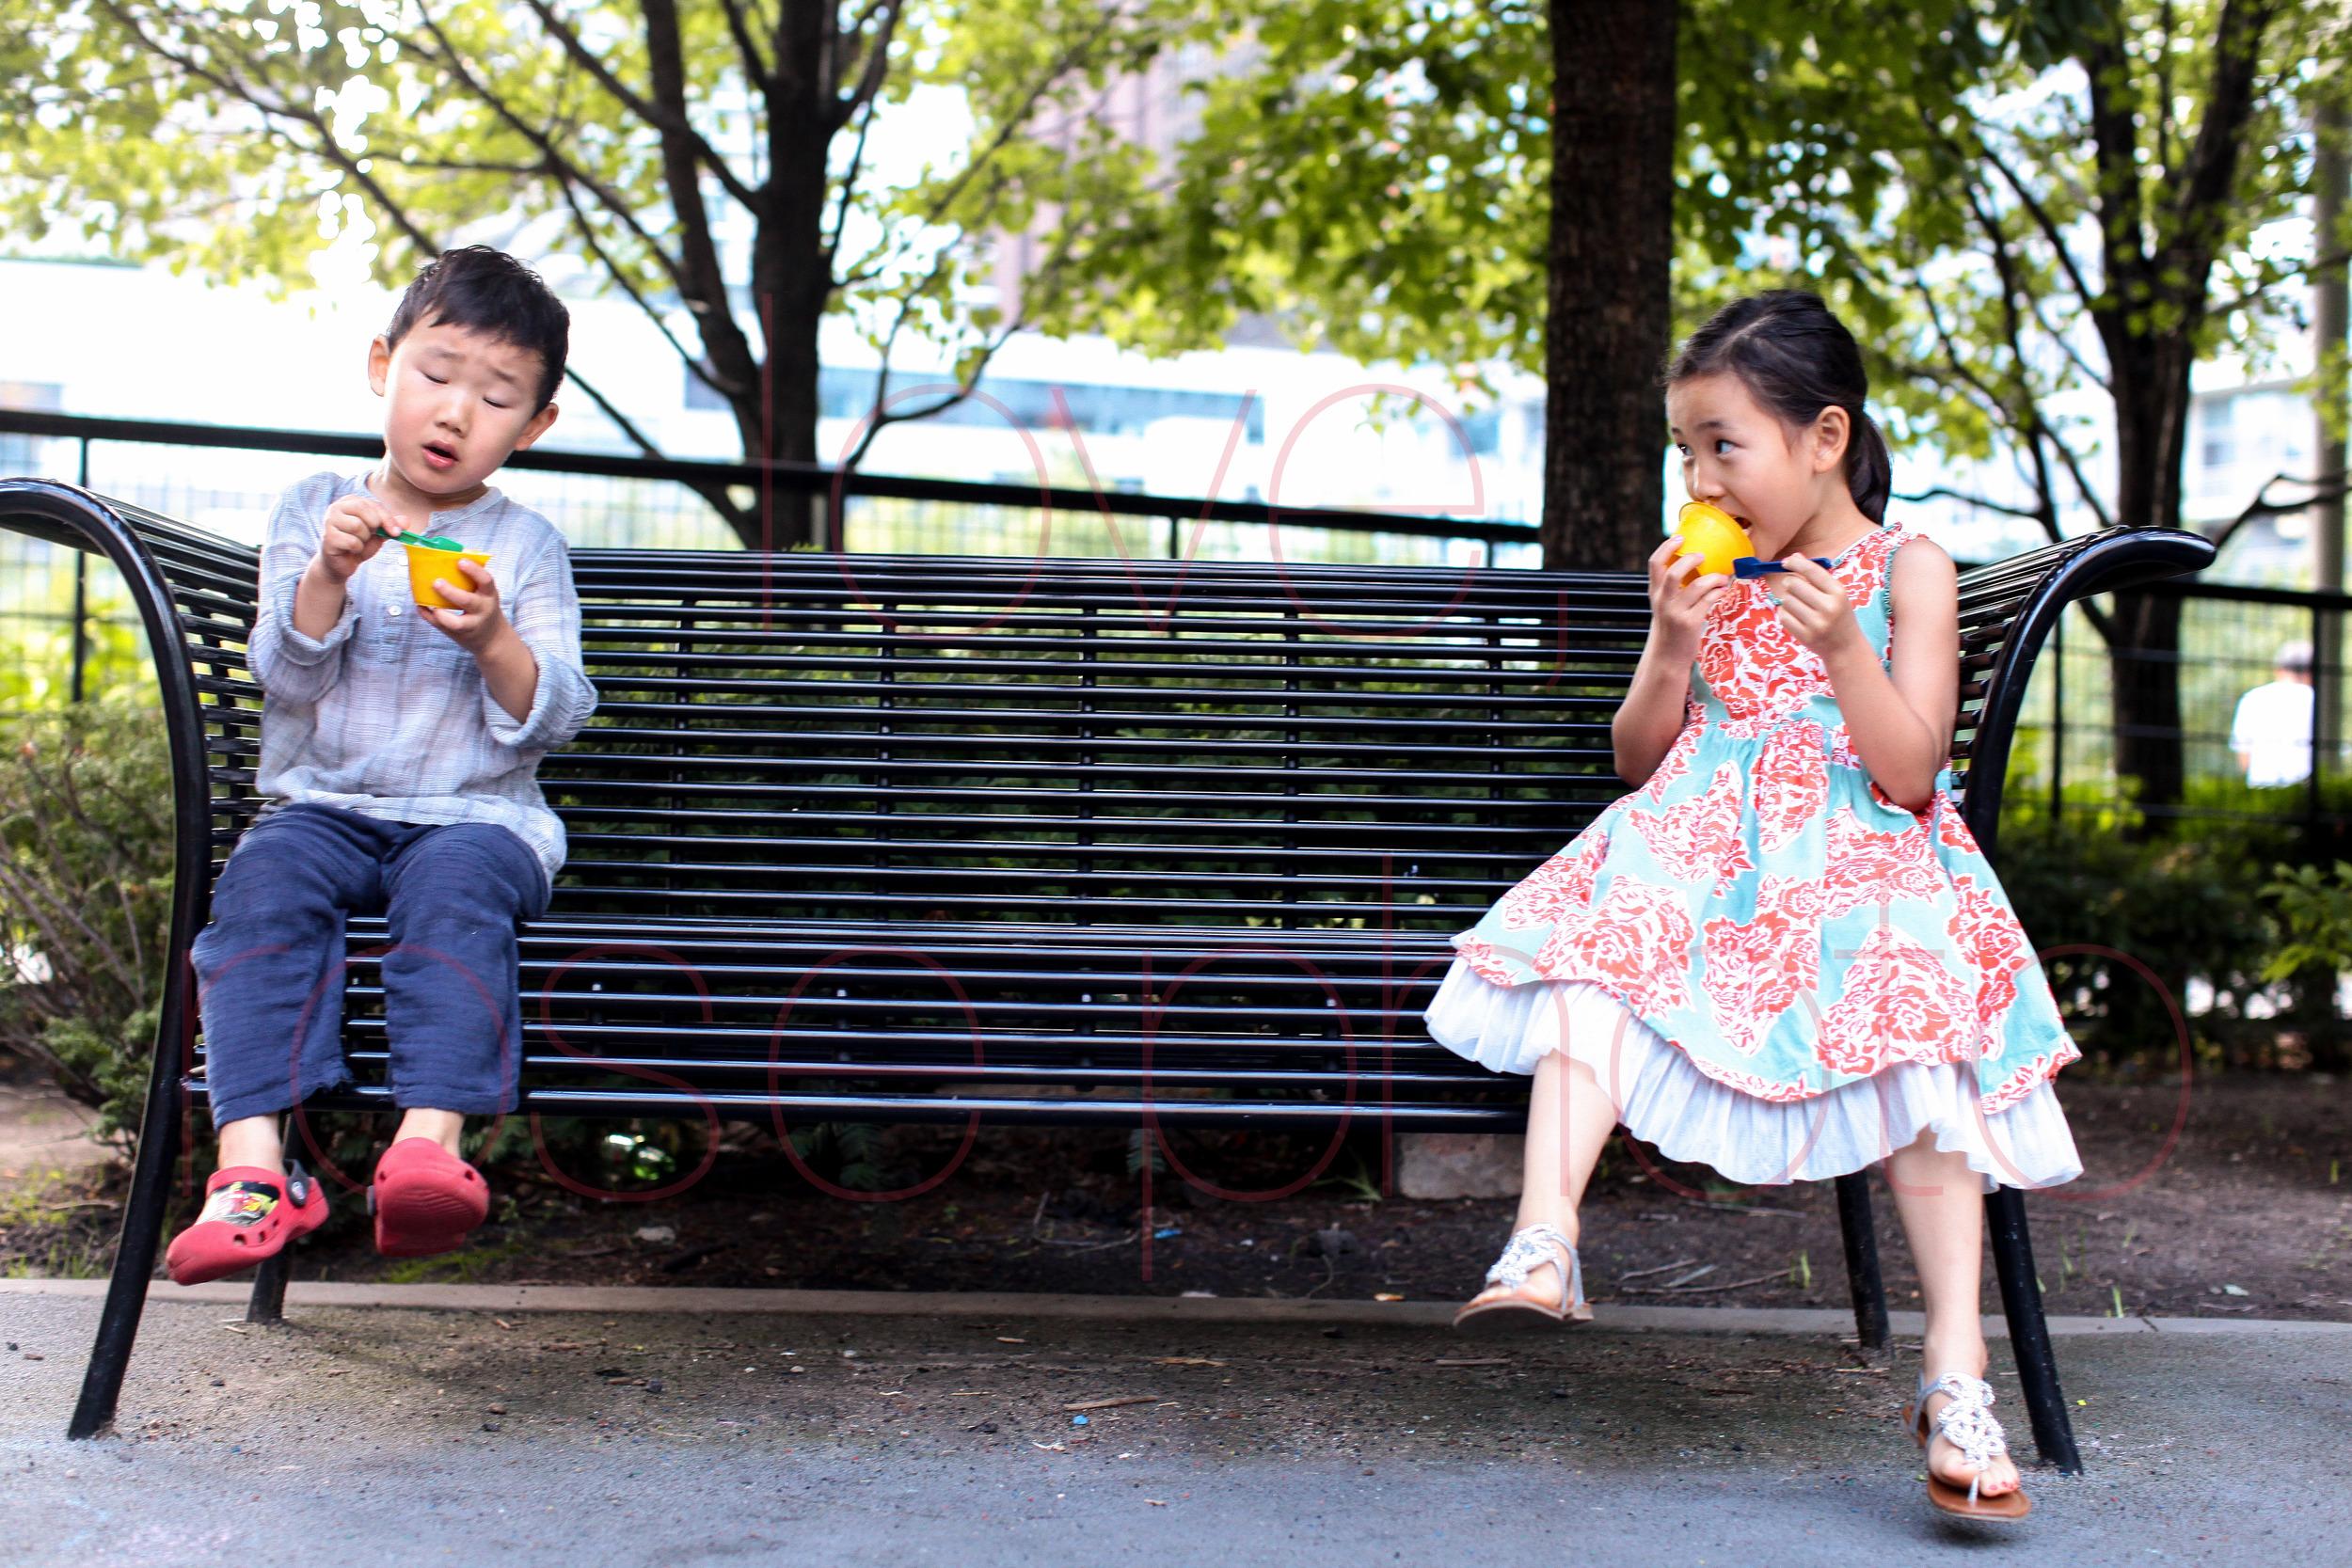 chicago lakeshore east children's photographer lifestyle portrait photography millenium park -010.jpg